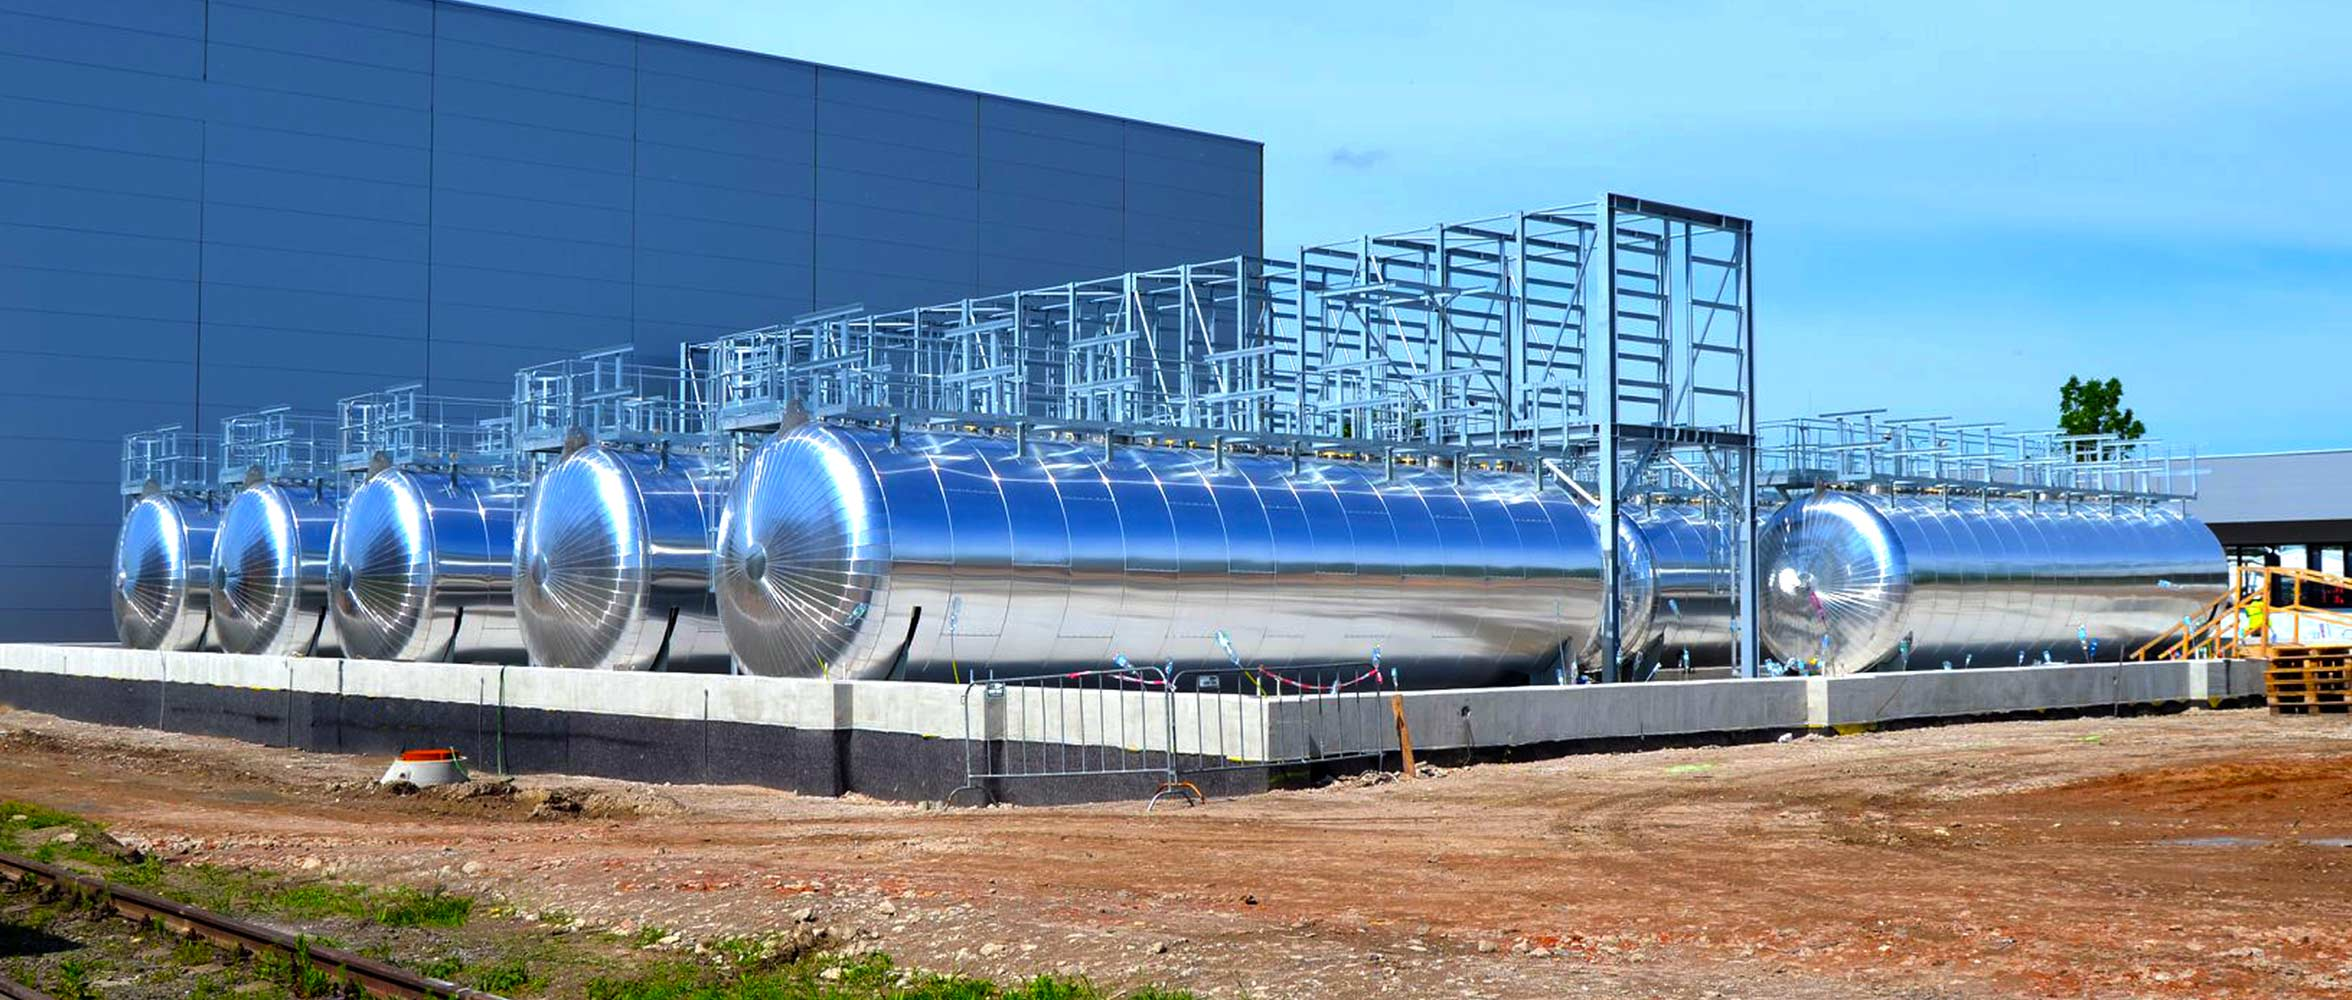 PACOVSKÉ STROJÍRNY, a.s. výroba produktů pro chemická odvětví a energetiku